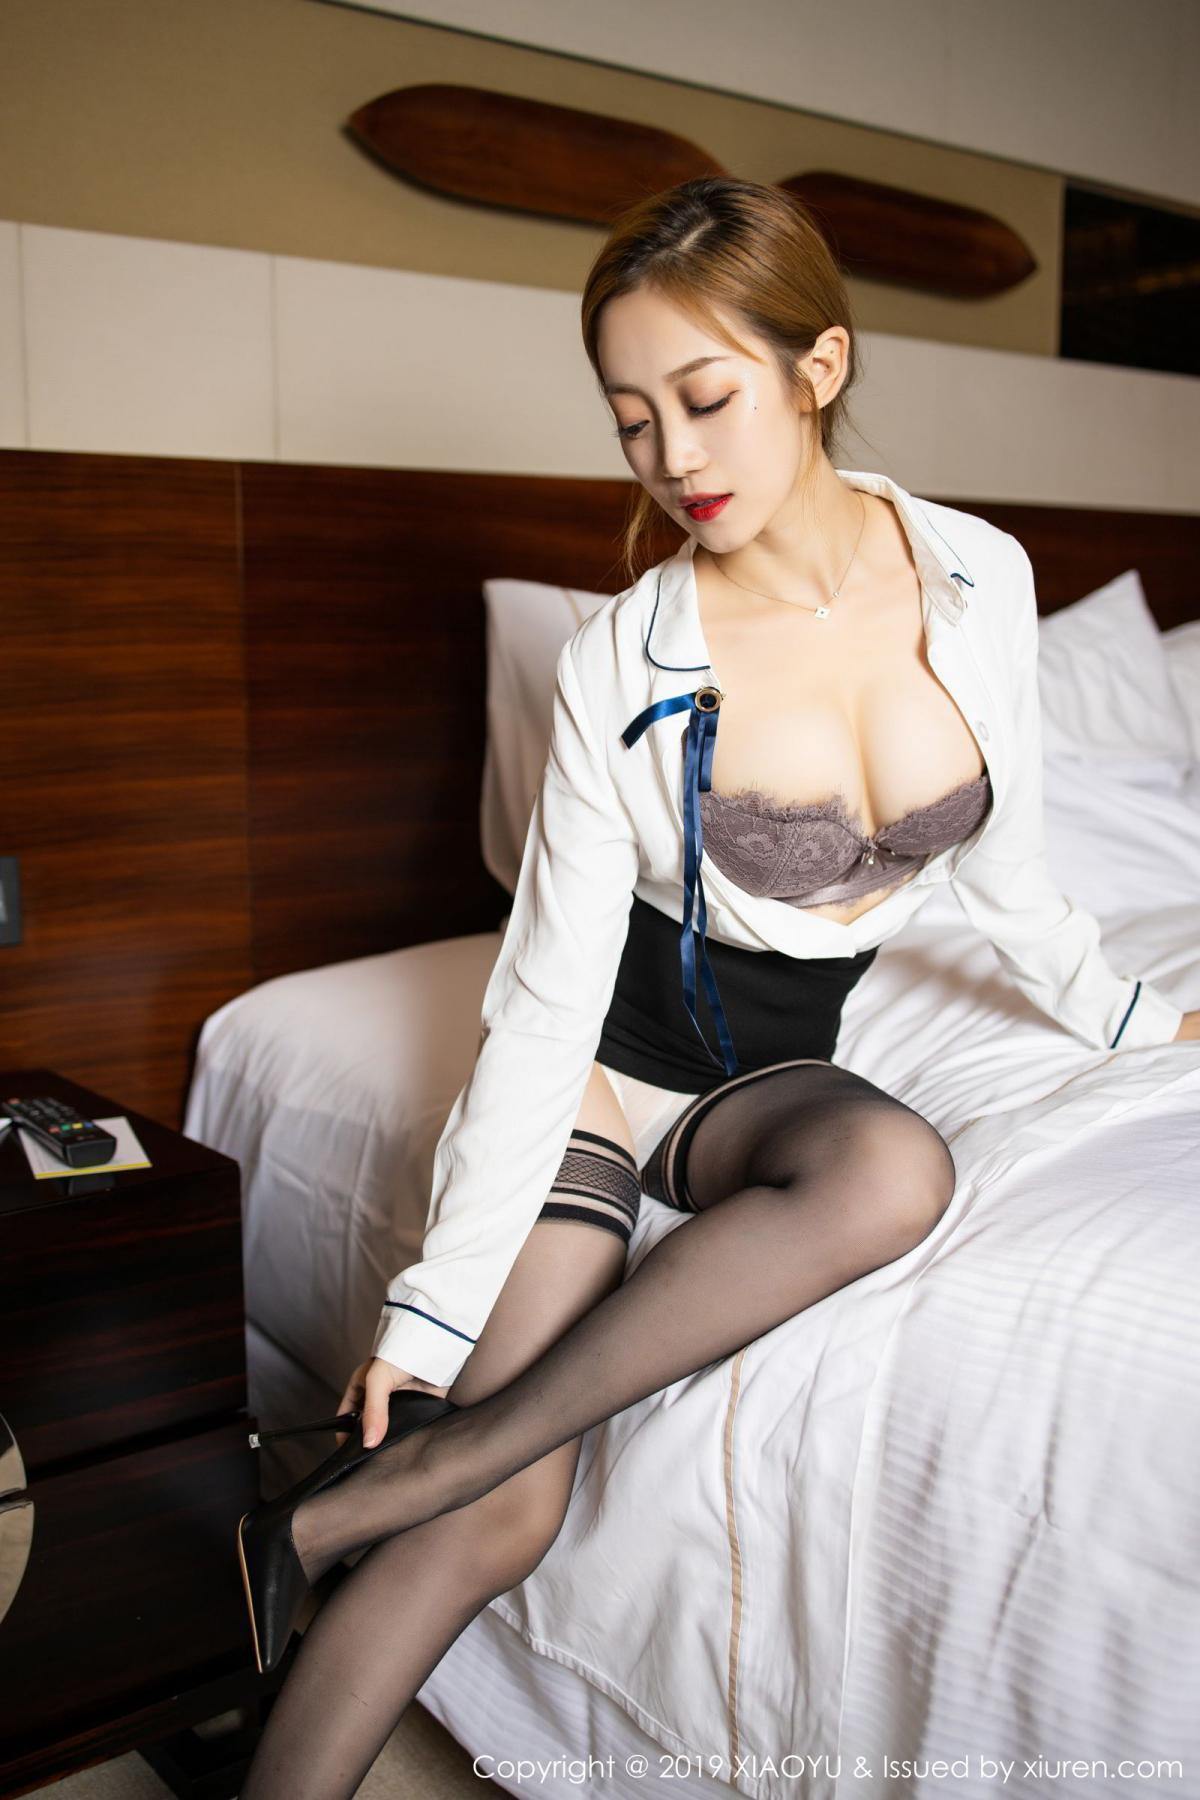 [XiaoYu] Vol.181 Yuner Claire 22P, Black Silk, Underwear, XiaoYu, Yuner Claire